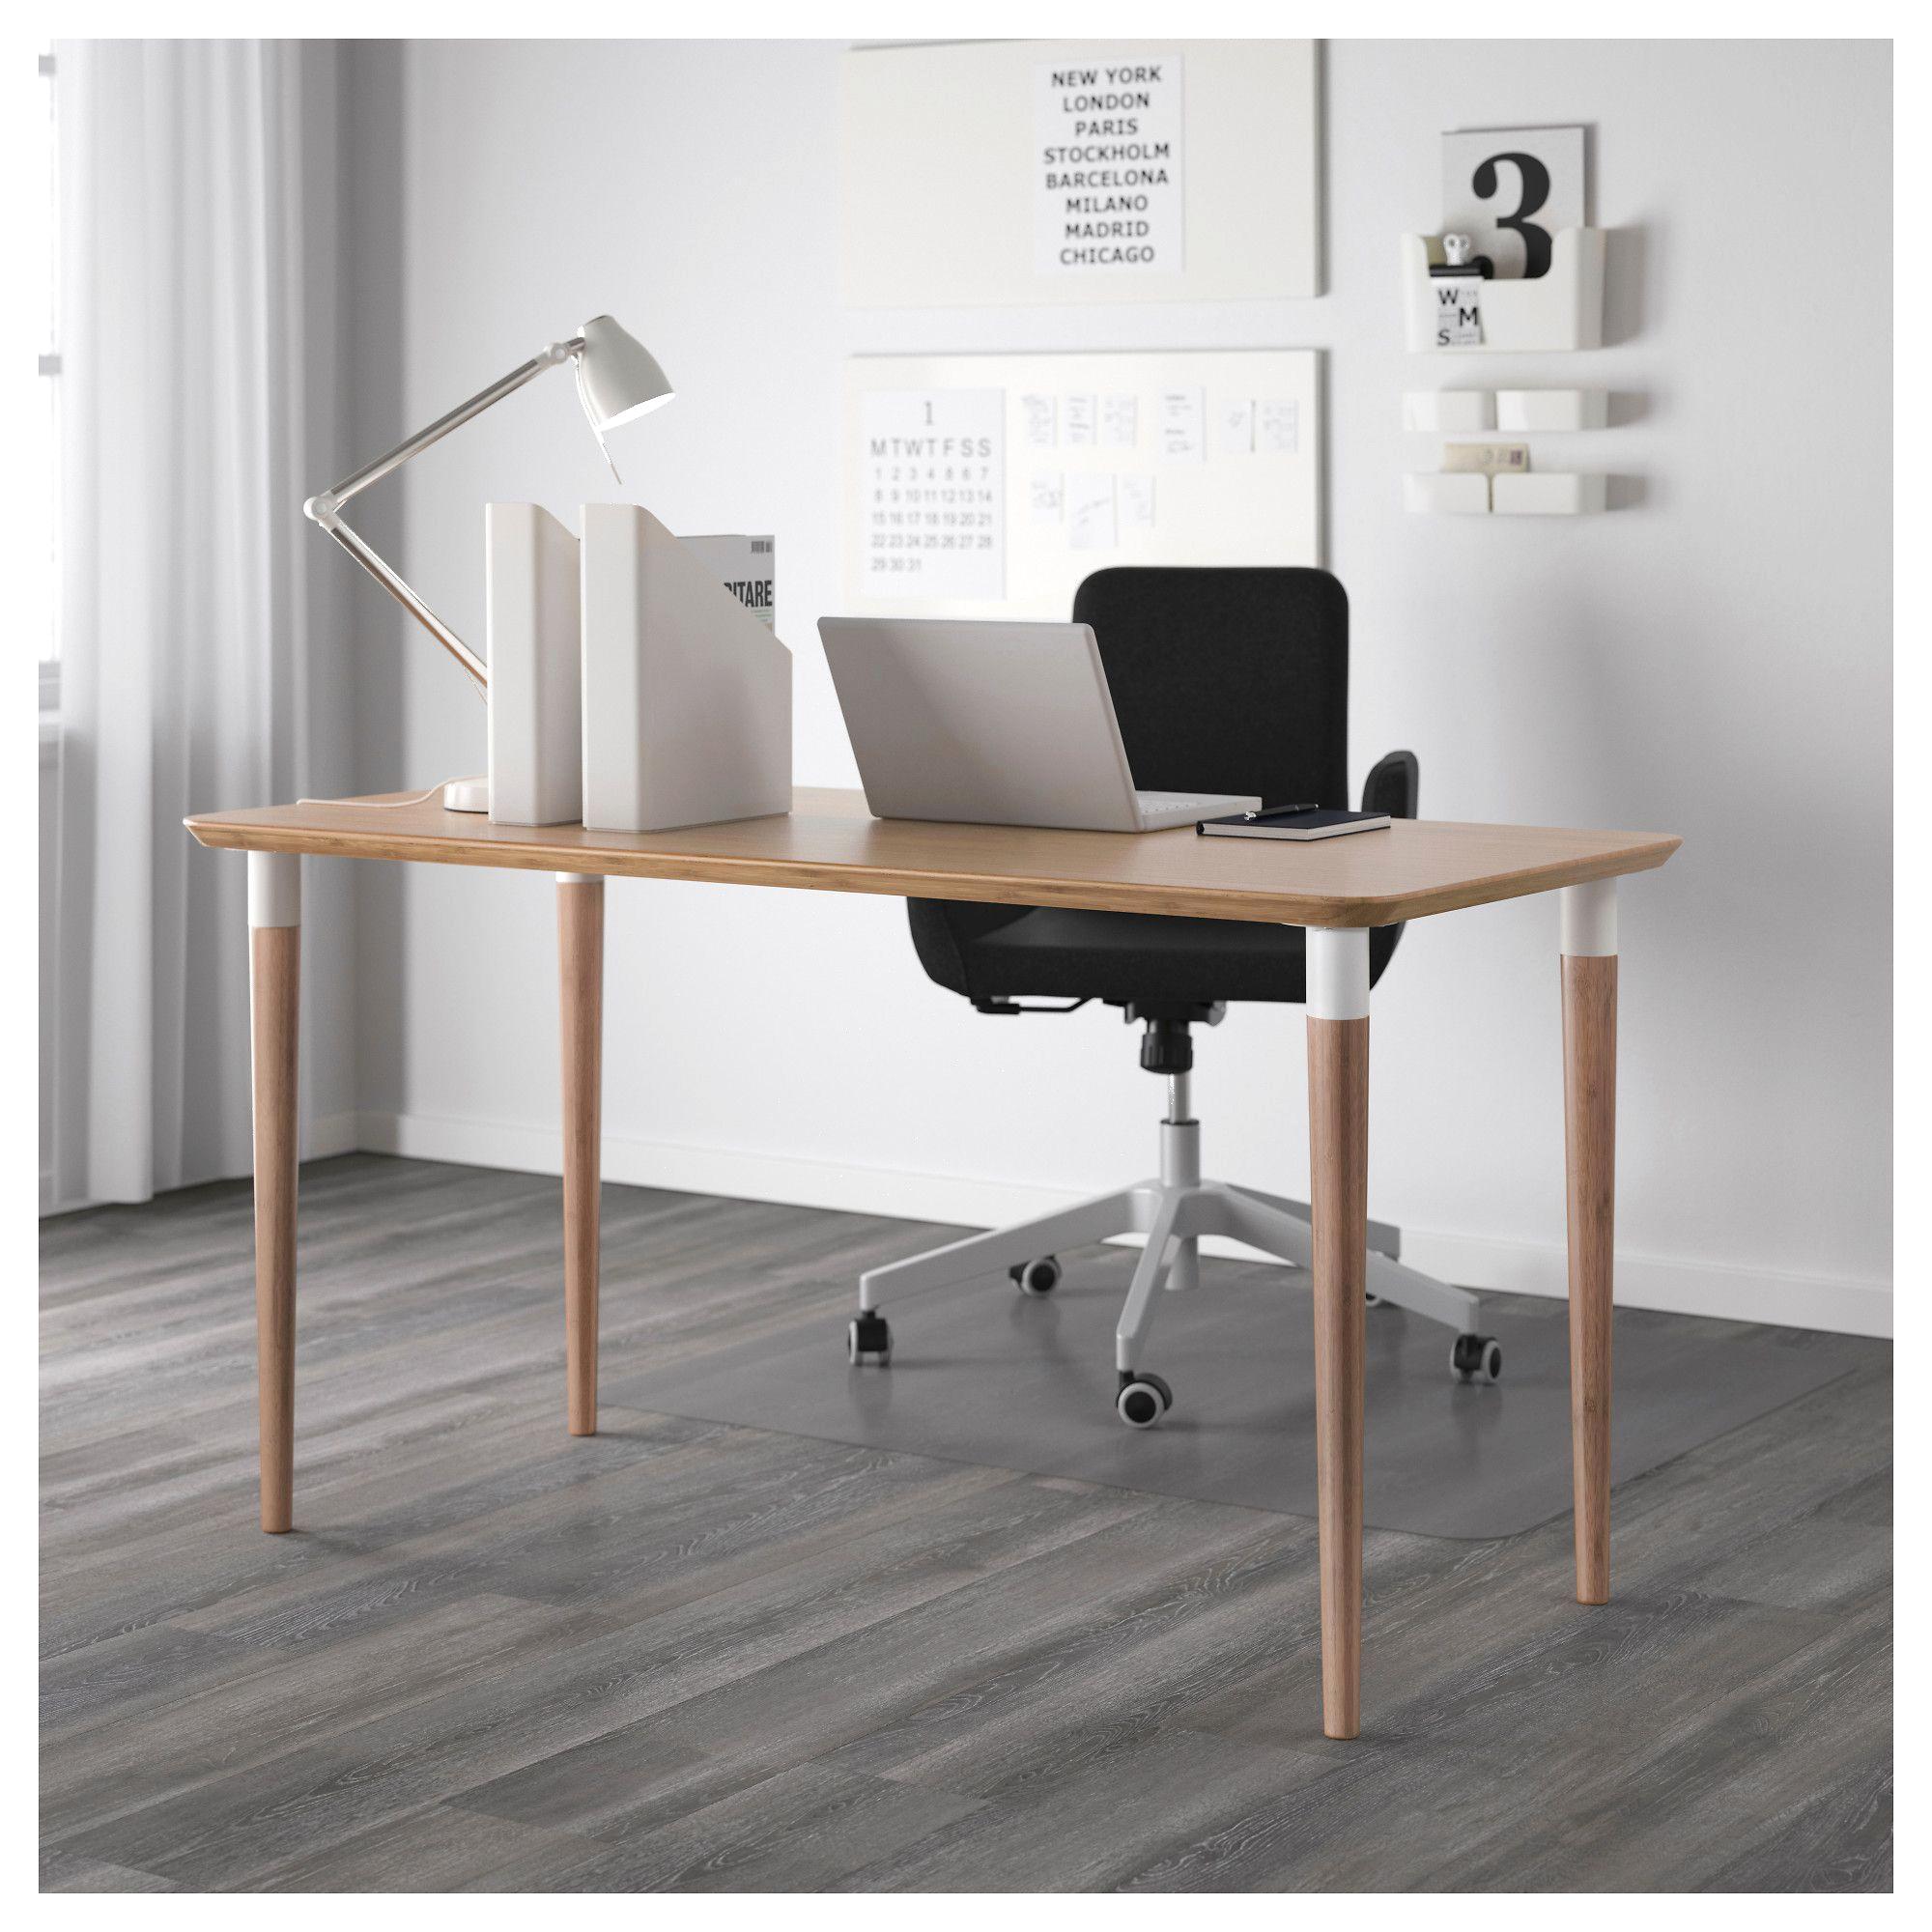 ikea schreibtisch galant einzigartig schreibtisch schon schreibtisch ikea galant hilver table bamboo